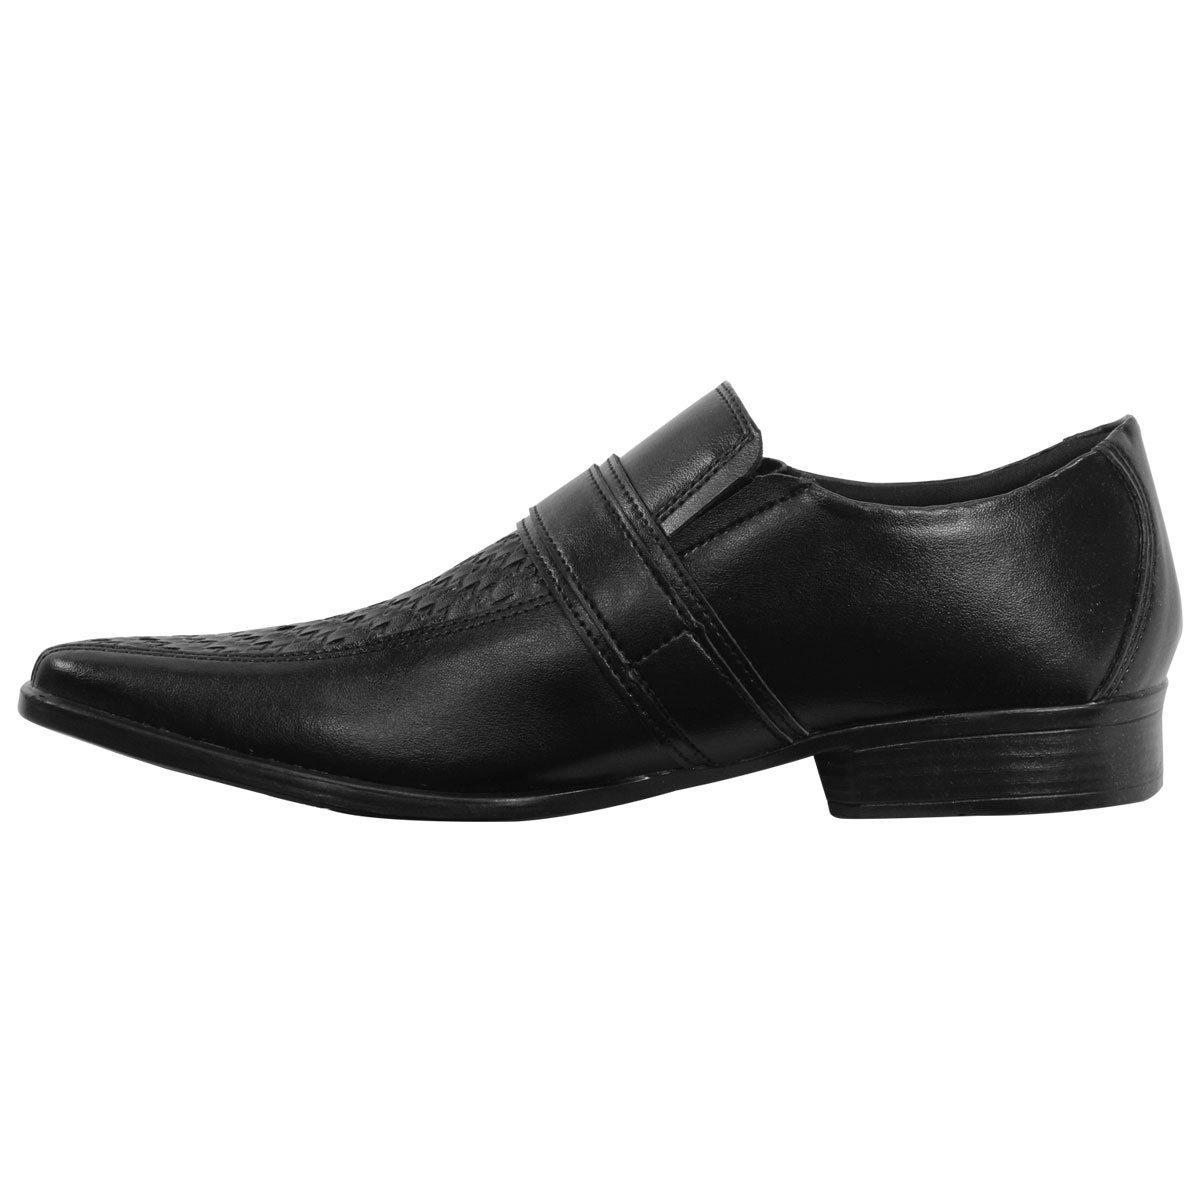 Sapato Faraton Sapato Preto Masculino 9018 Sapato 9018 Faraton Faraton Masculino Masculino Preto qCAwnYE